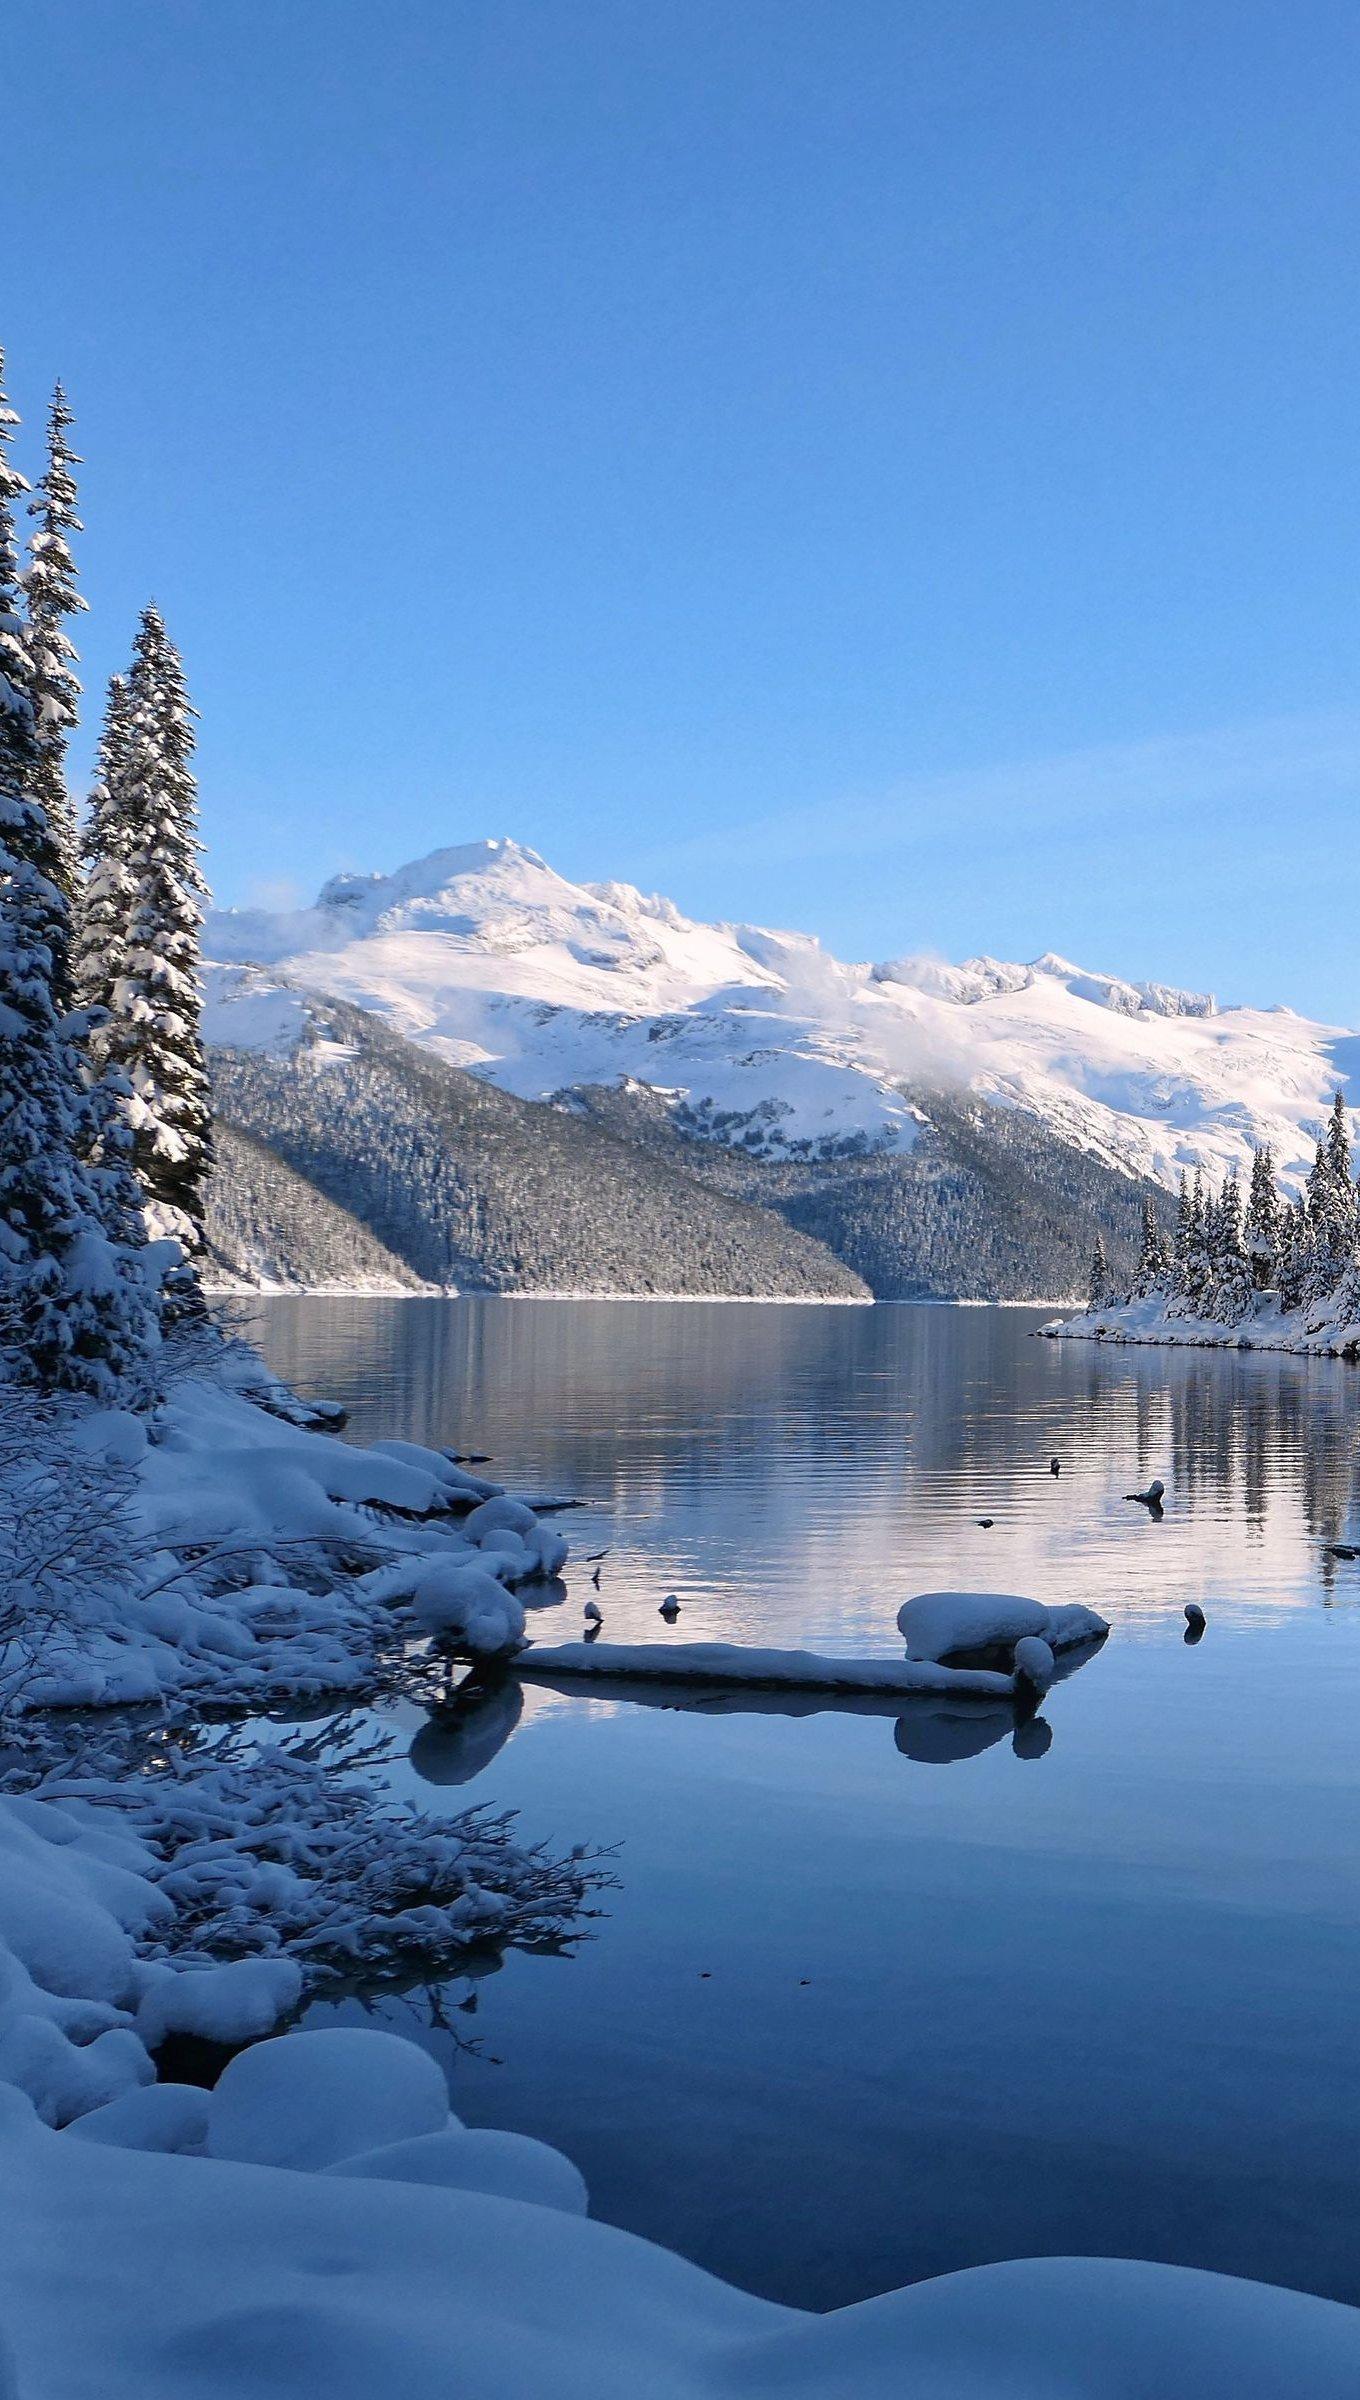 Fondos de pantalla Paisaje de lago en la nieve Vertical